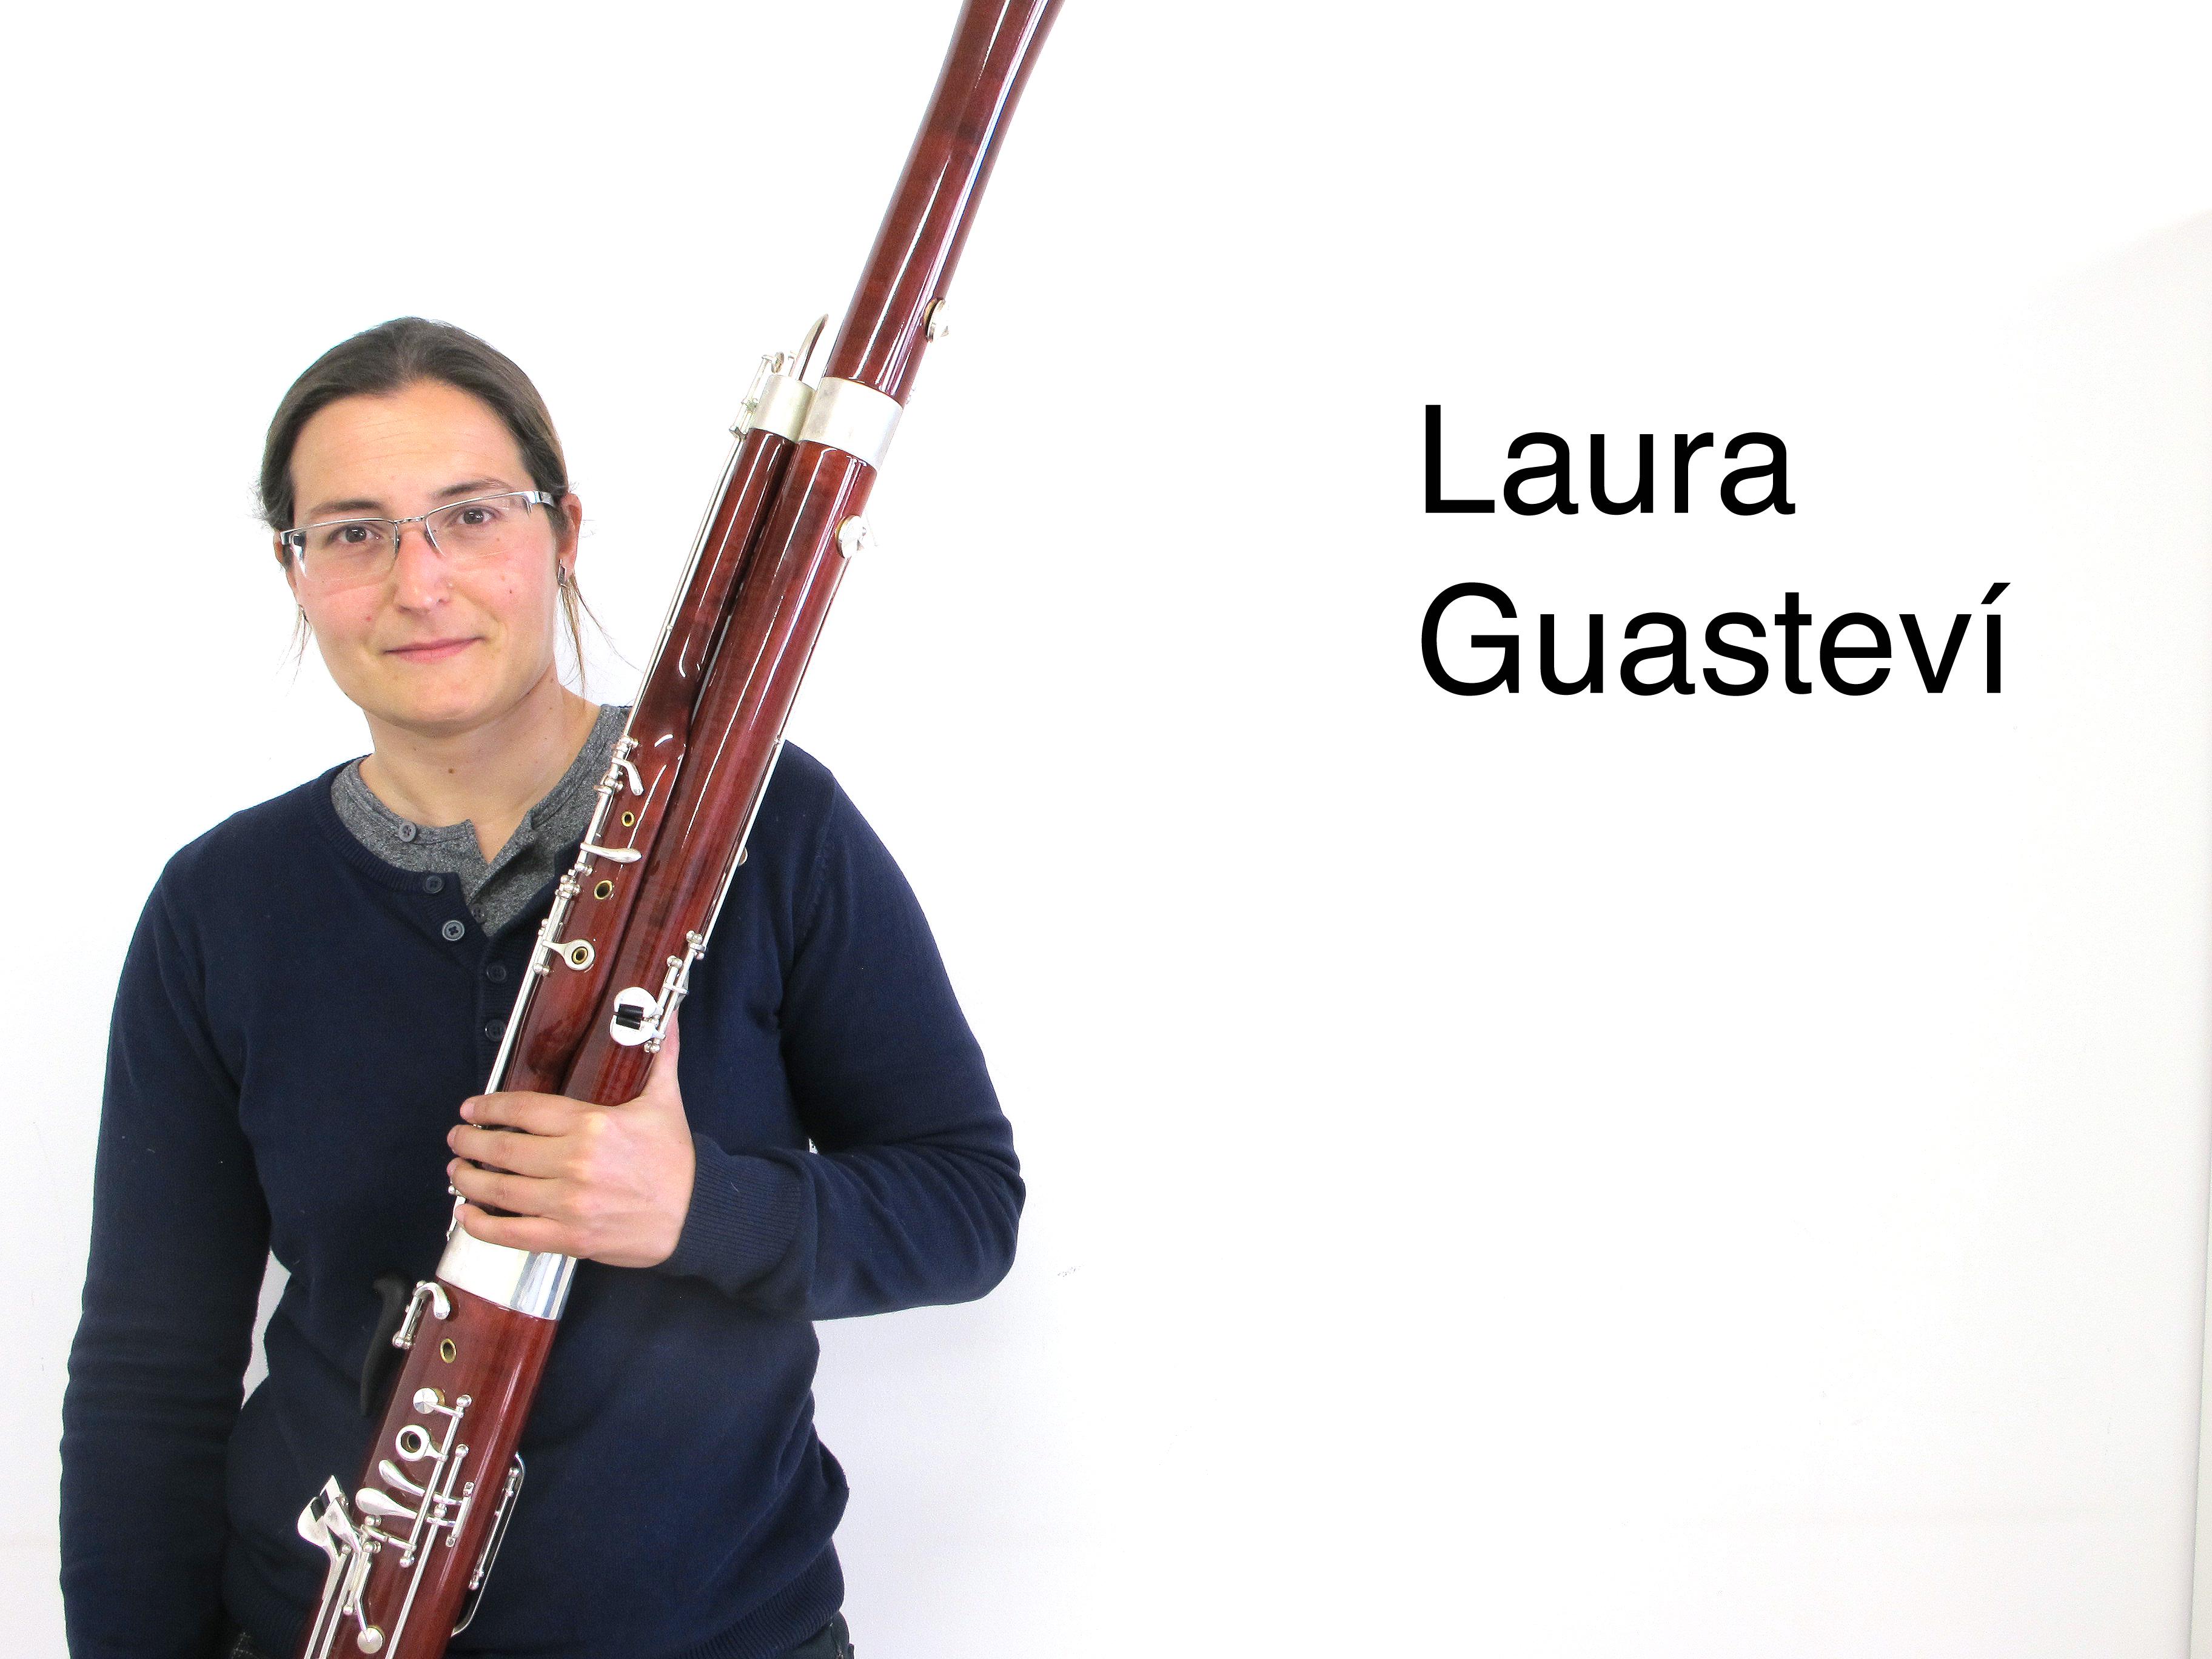 Laura Guasteví